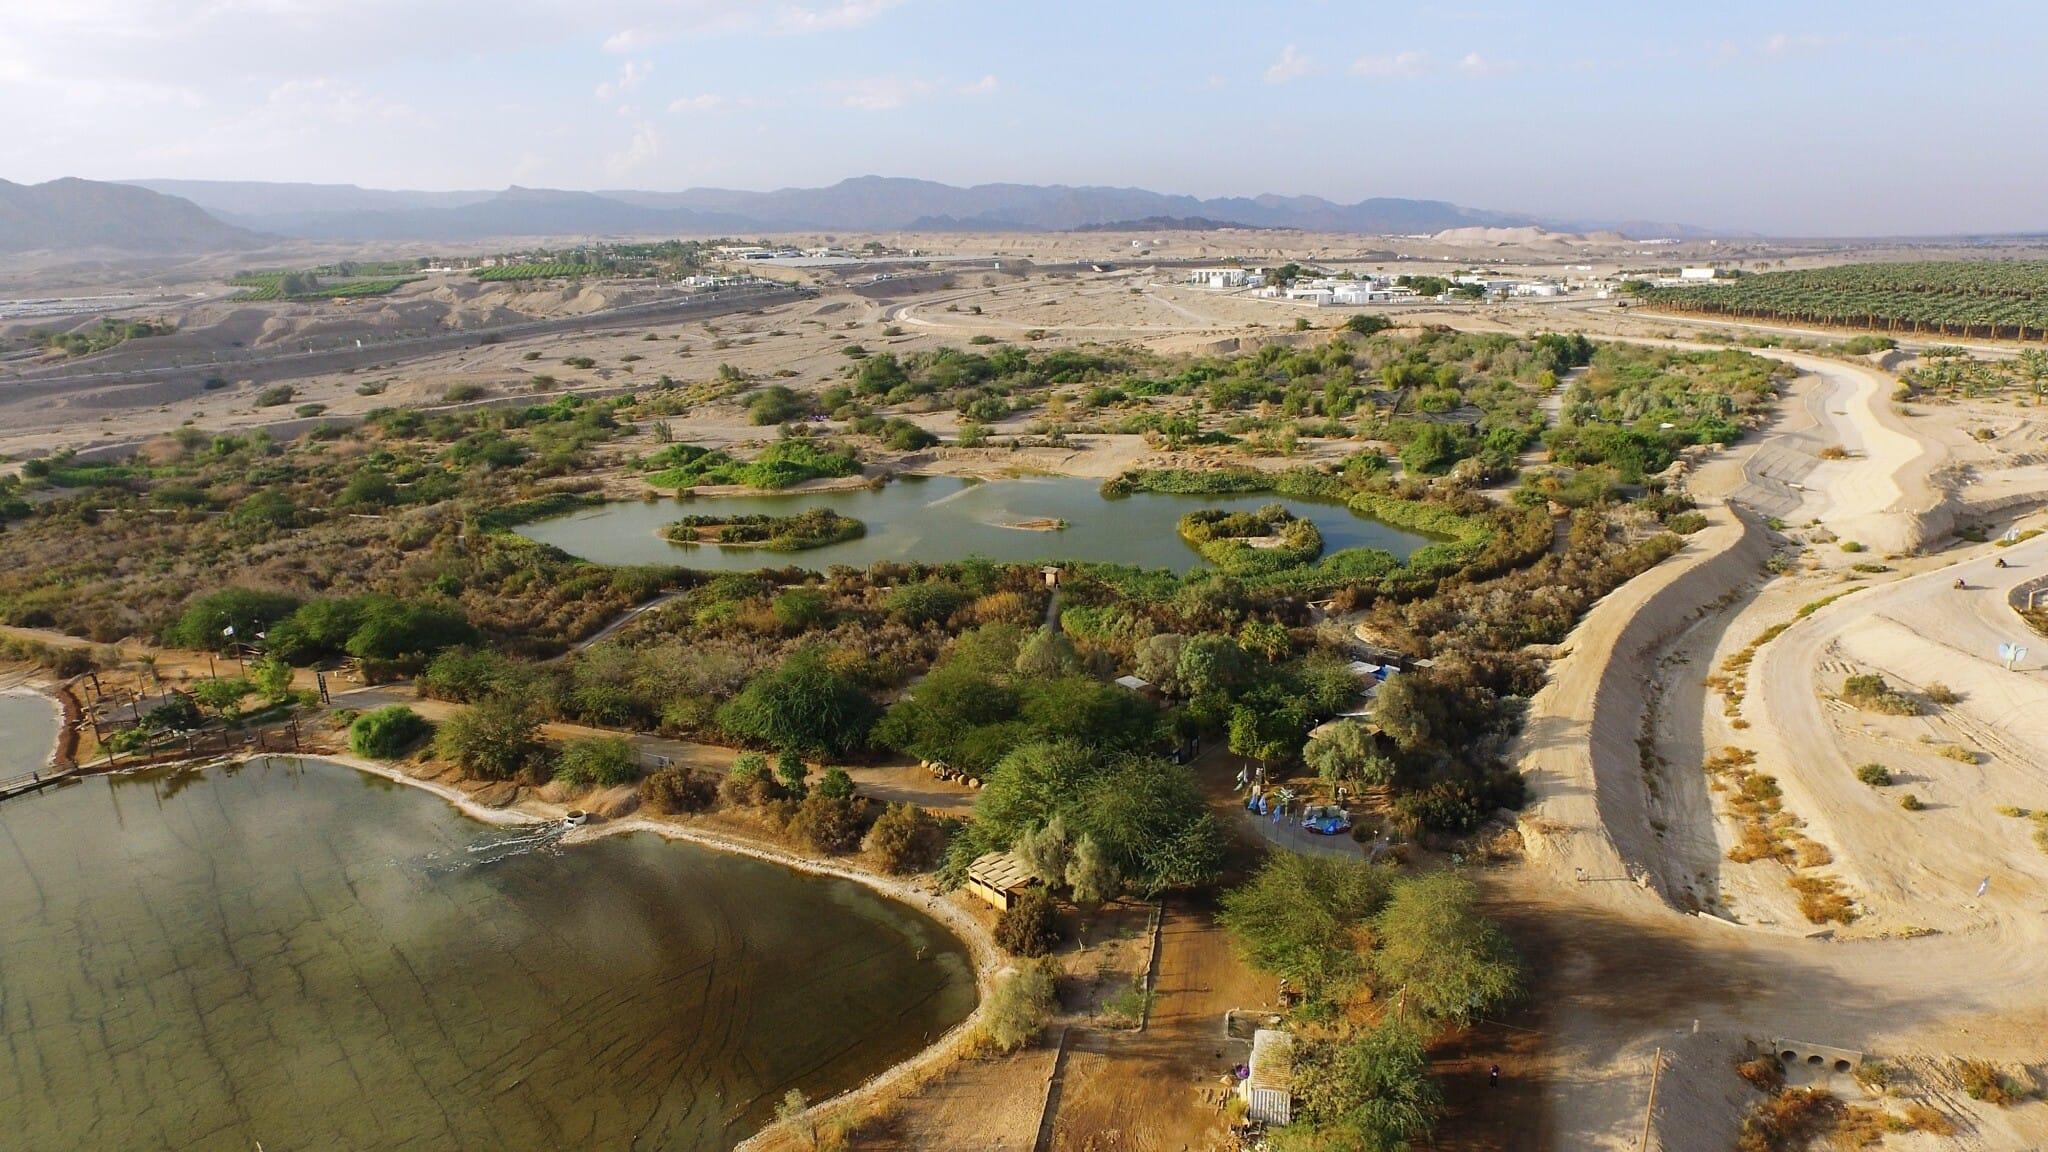 מבט אווירי על המרכז הבינלאומי לצפרות באילת (צילום: דב גרינבלט)